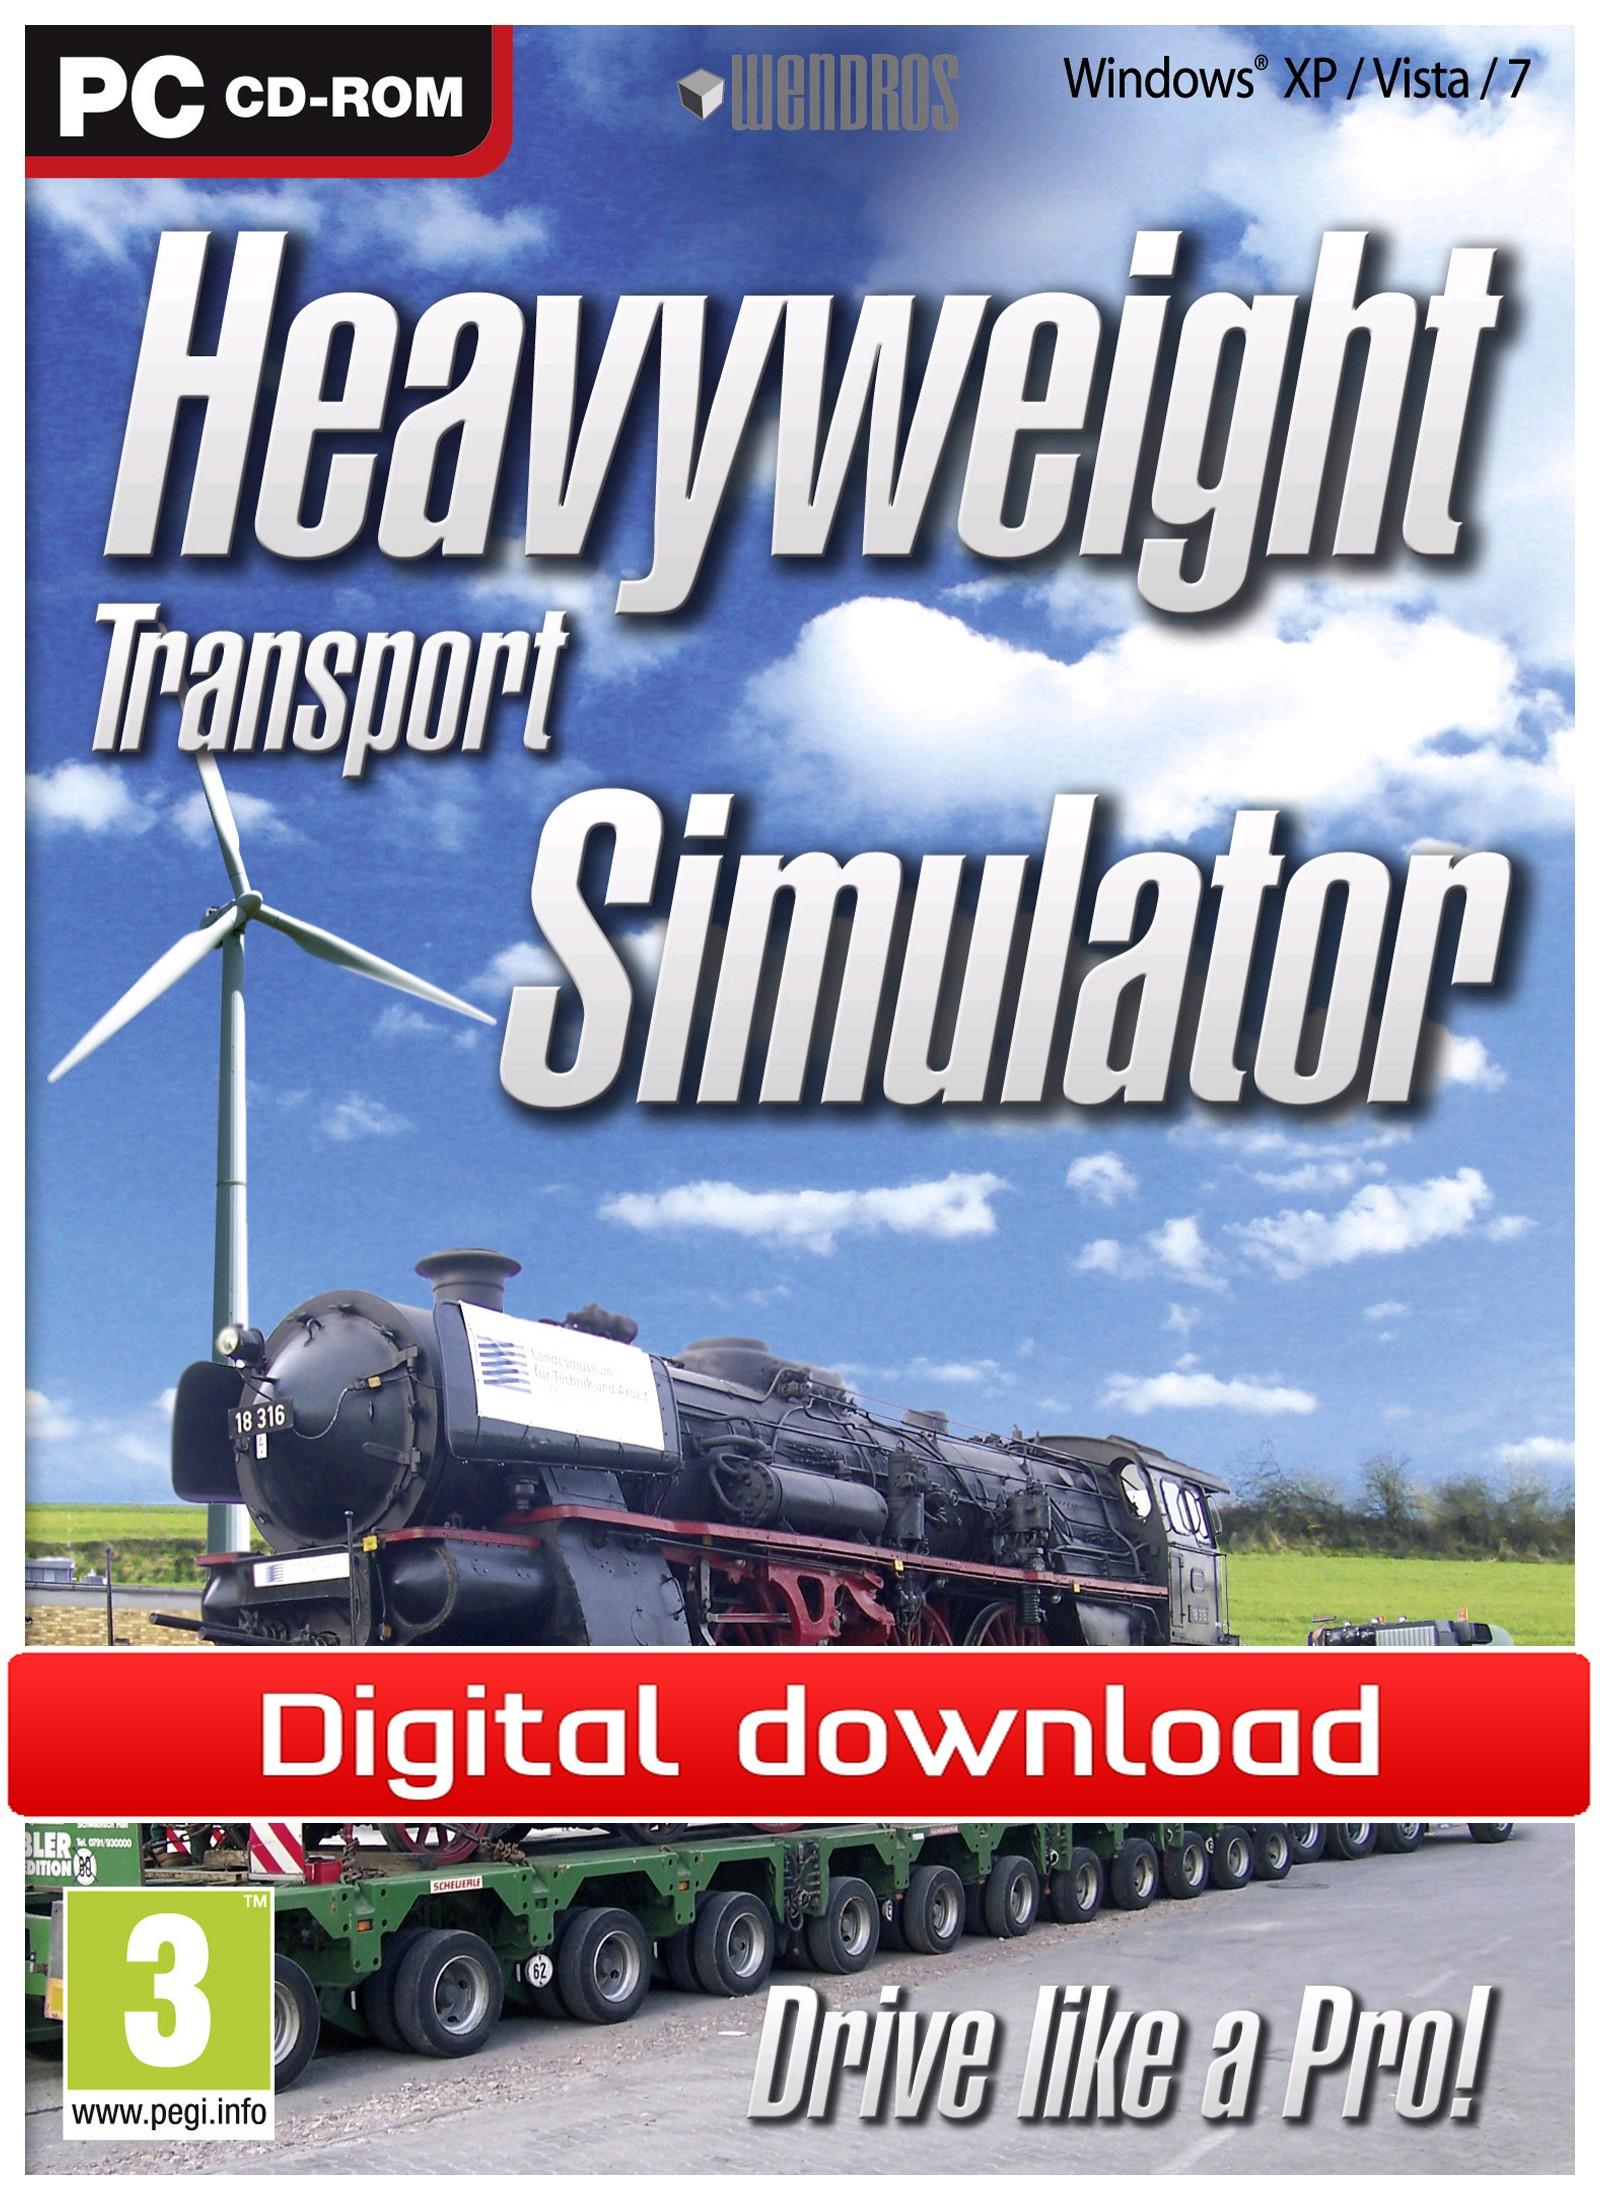 Heavy Weight Transport Simulator (PC nedlastning) PCDD23109